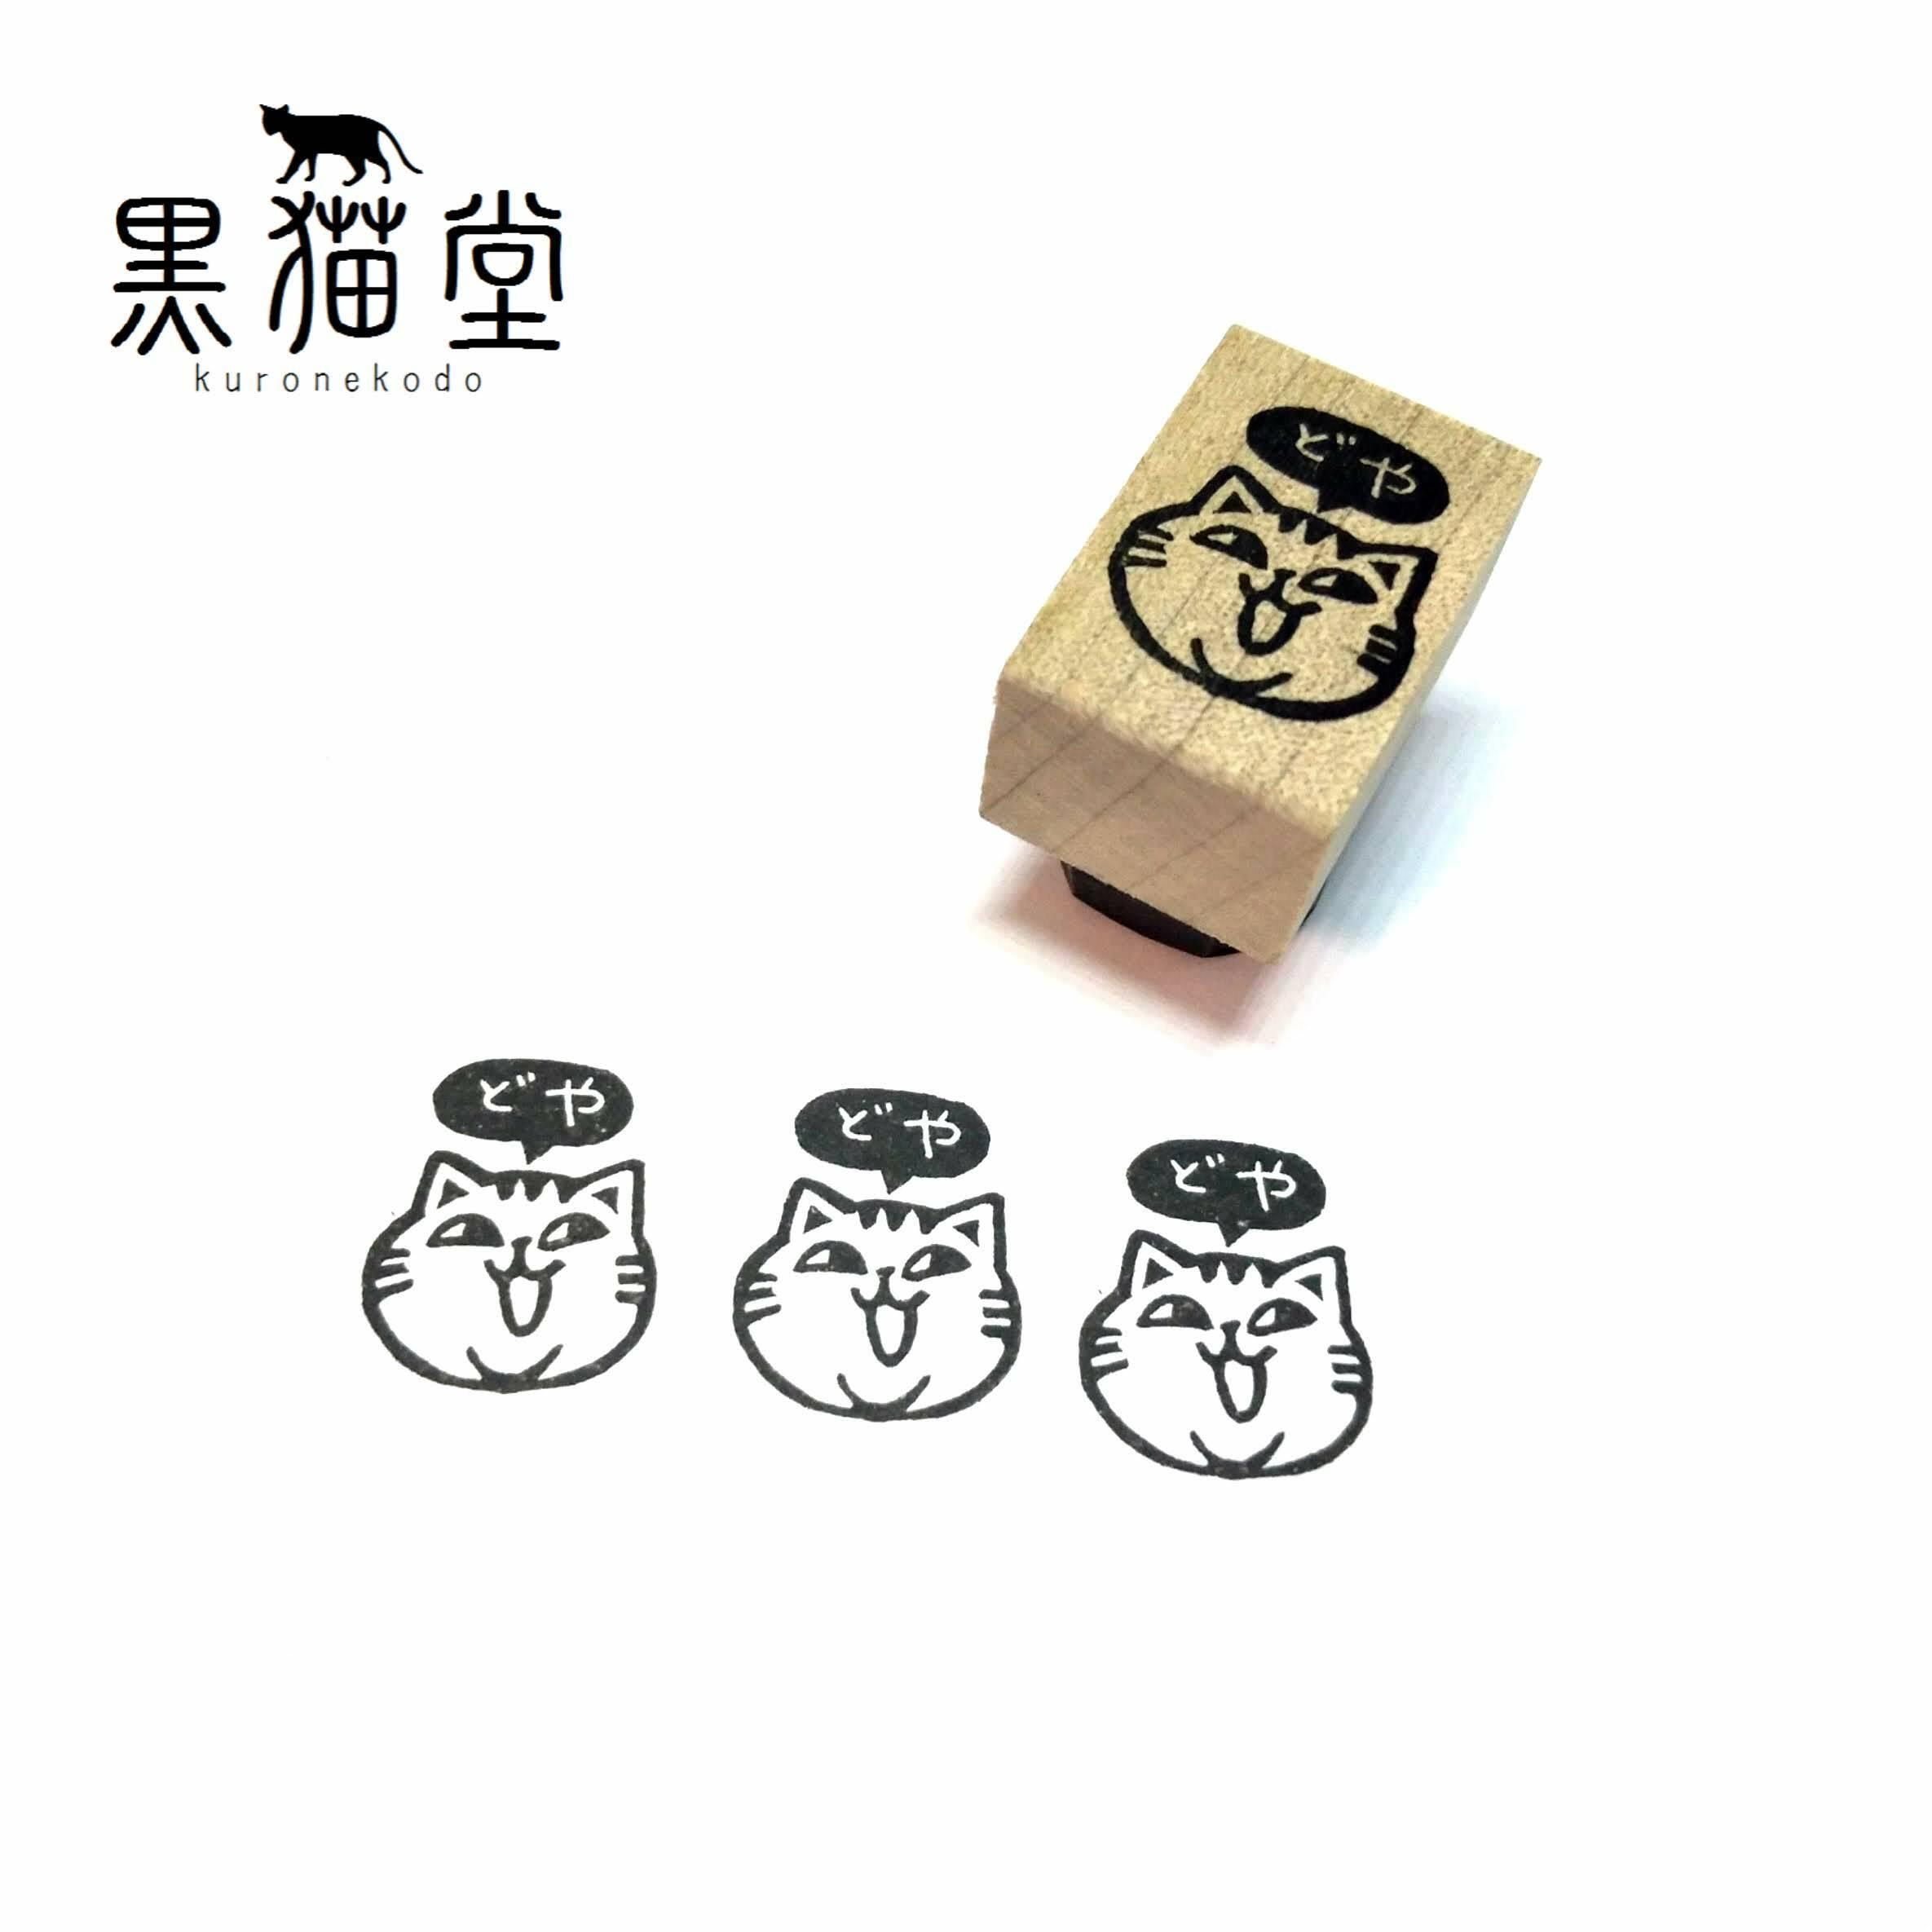 関西弁ネコ「どや」